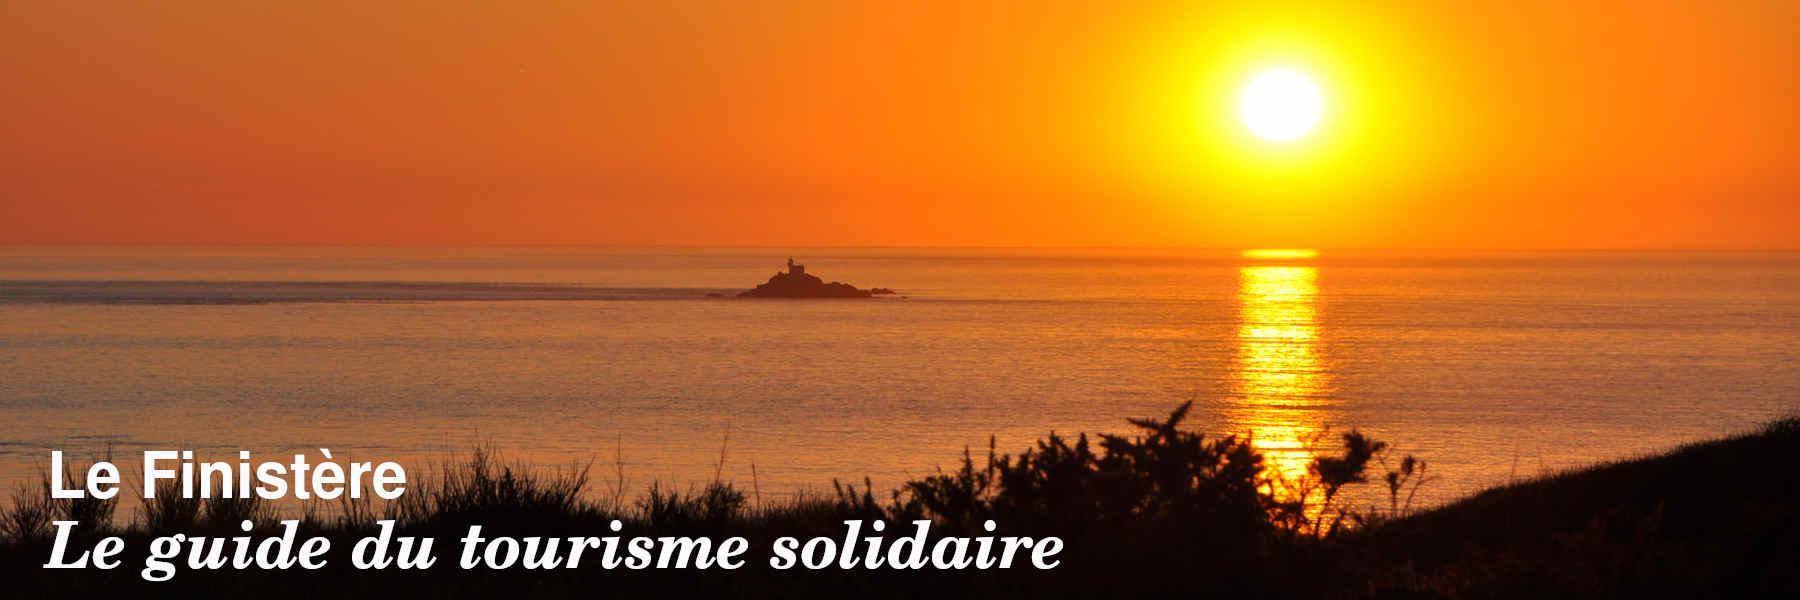 Le guide du tourisme solidaire en Finistère